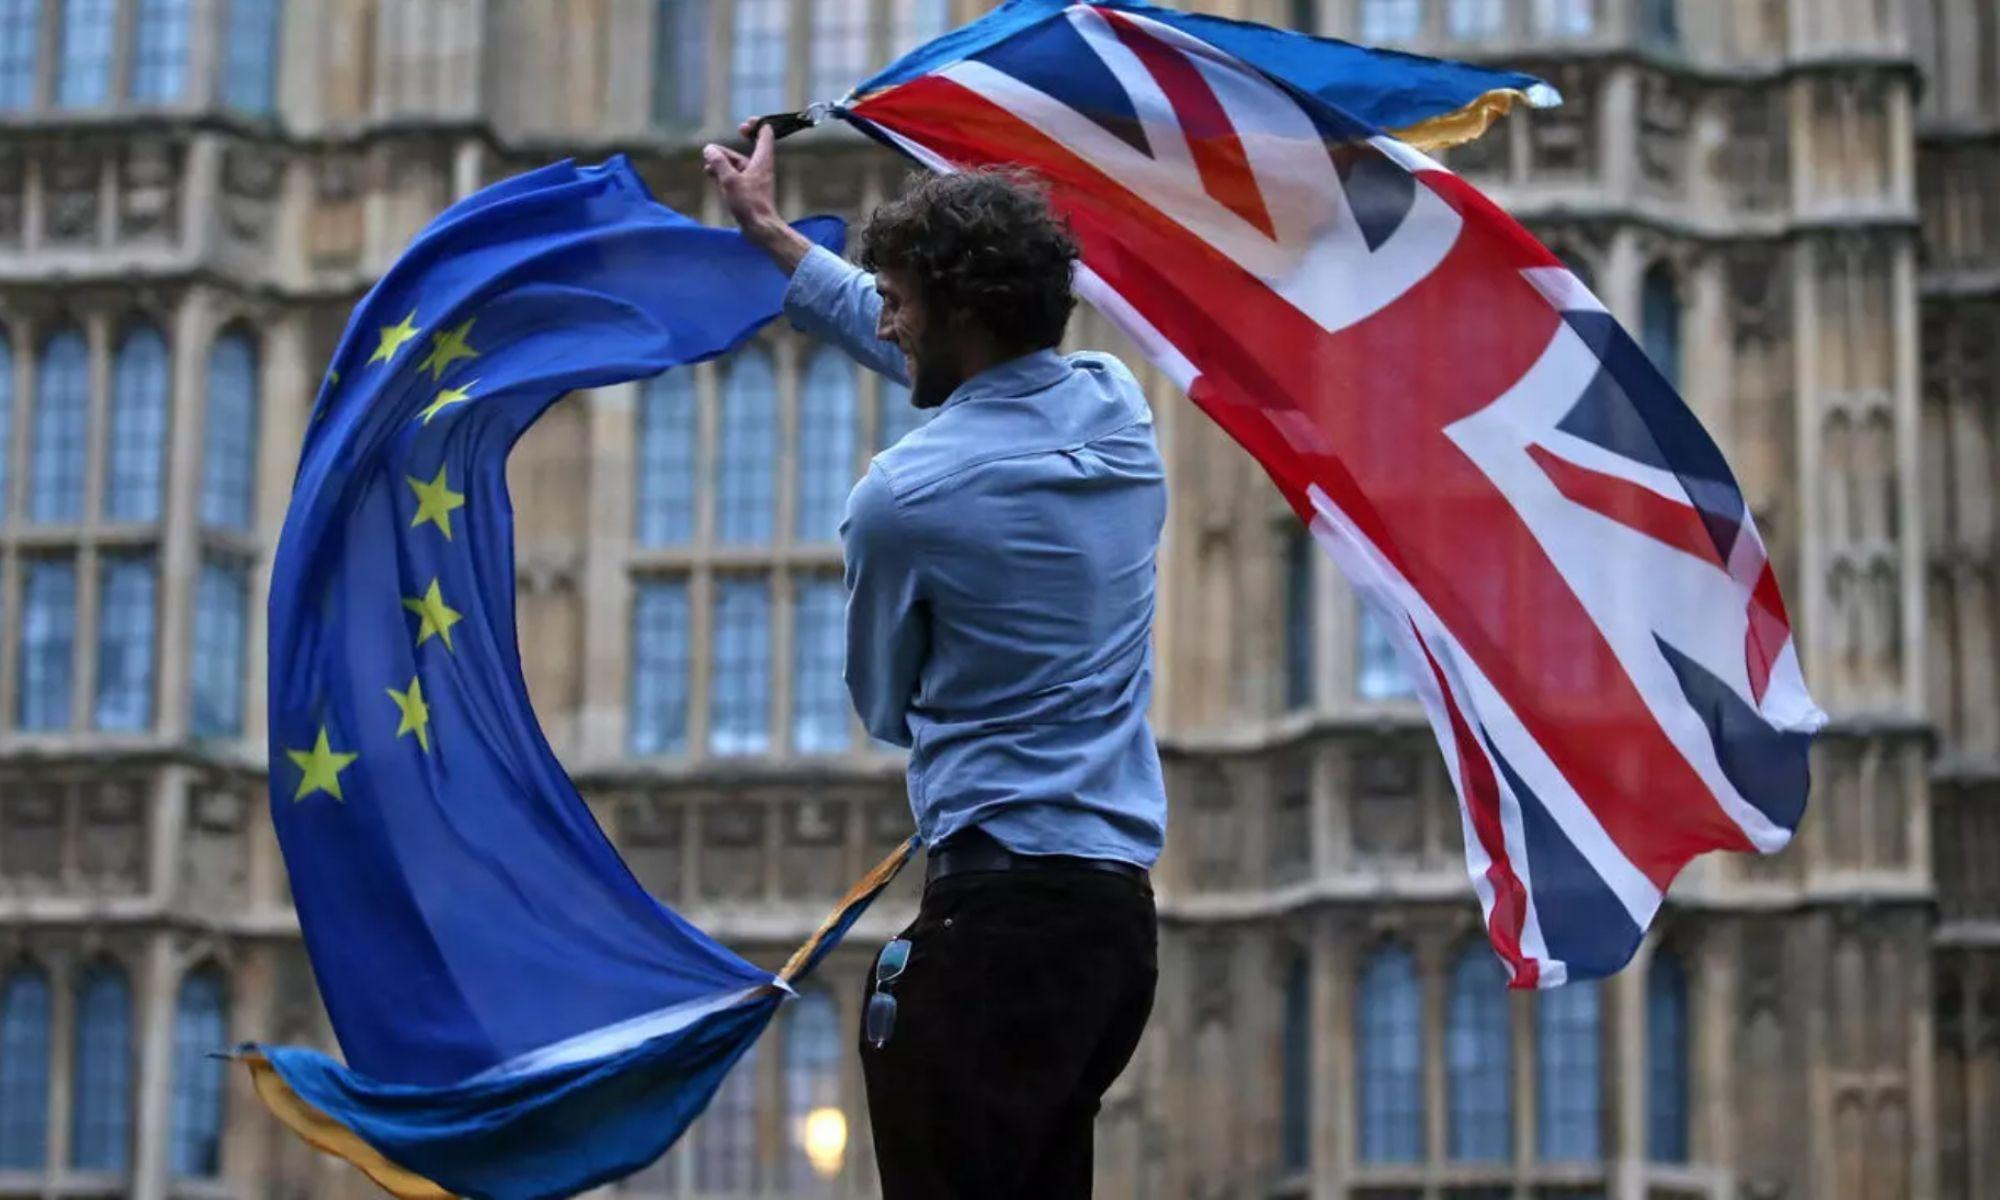 Vivre ailleurs, sur RFI. Les conséquences du Brexit aujourd'hui sur les expatriés français